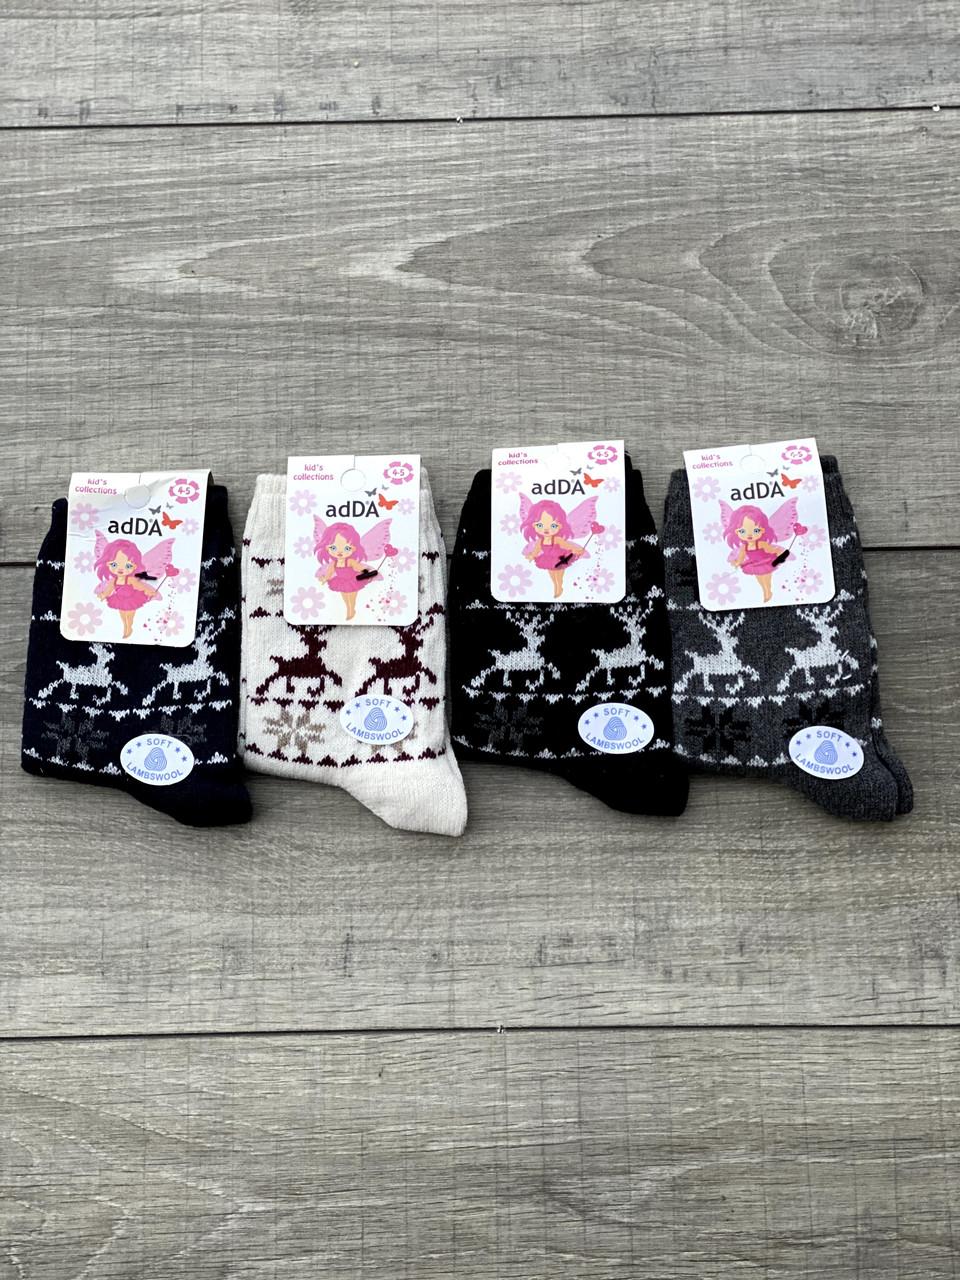 Дитячі теплі носки шкарпетки шерстяні Adda з ангори з новорічним візерунком з оленями мікс  кольорів